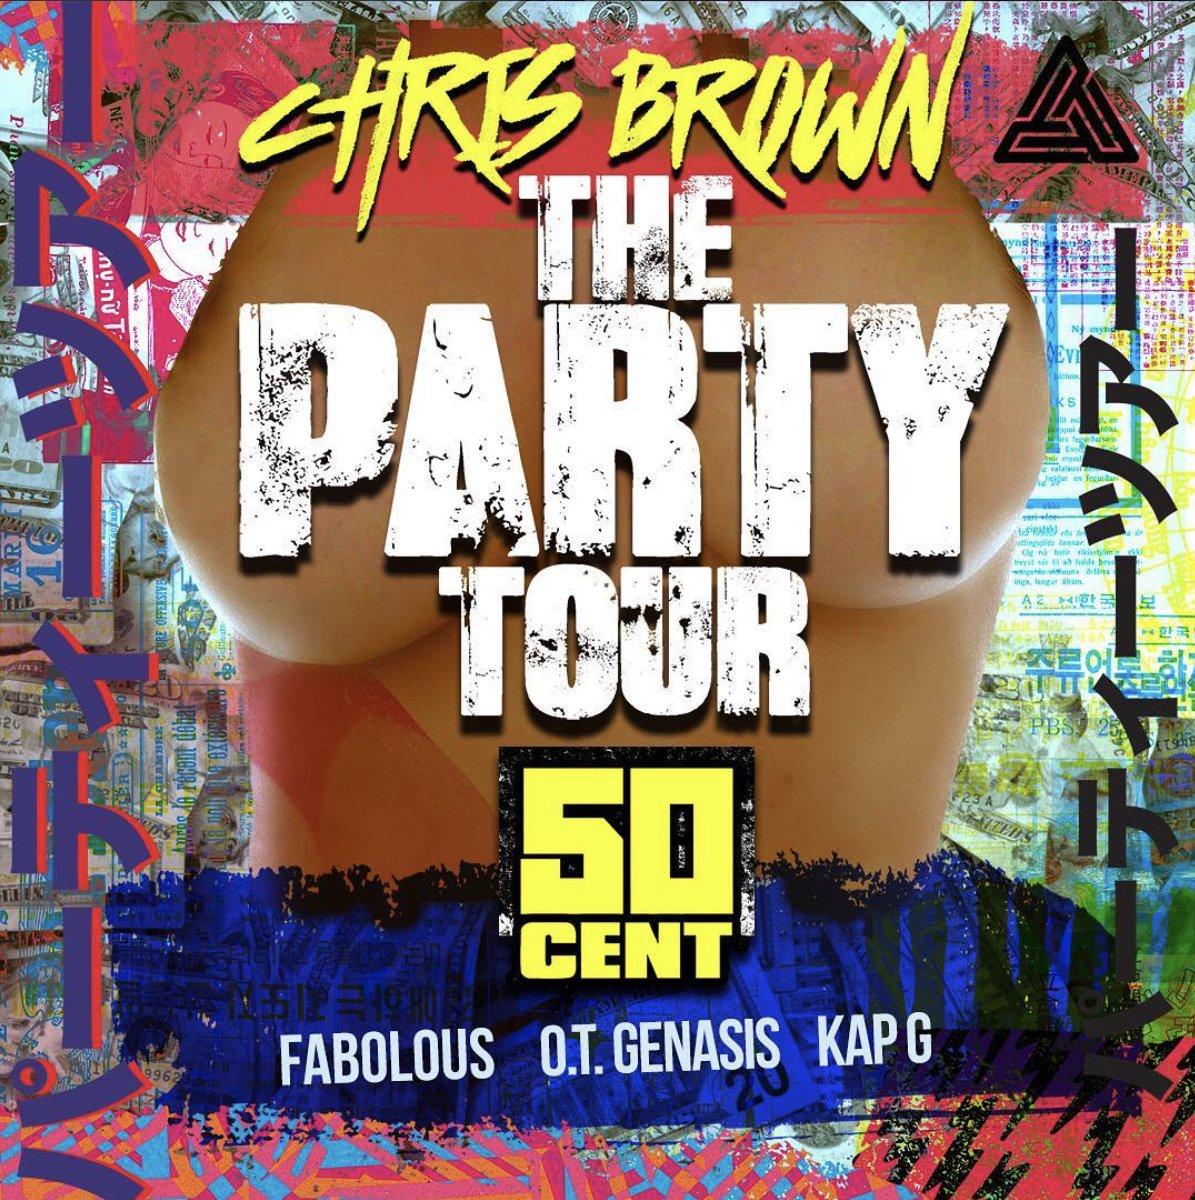 don't miss this sh!t THE PARTY TOUR check out the tour dates  https://t.co/GewJDsZg3c  #EFFENVODKA https://t.co/M4cJ0OTYy3